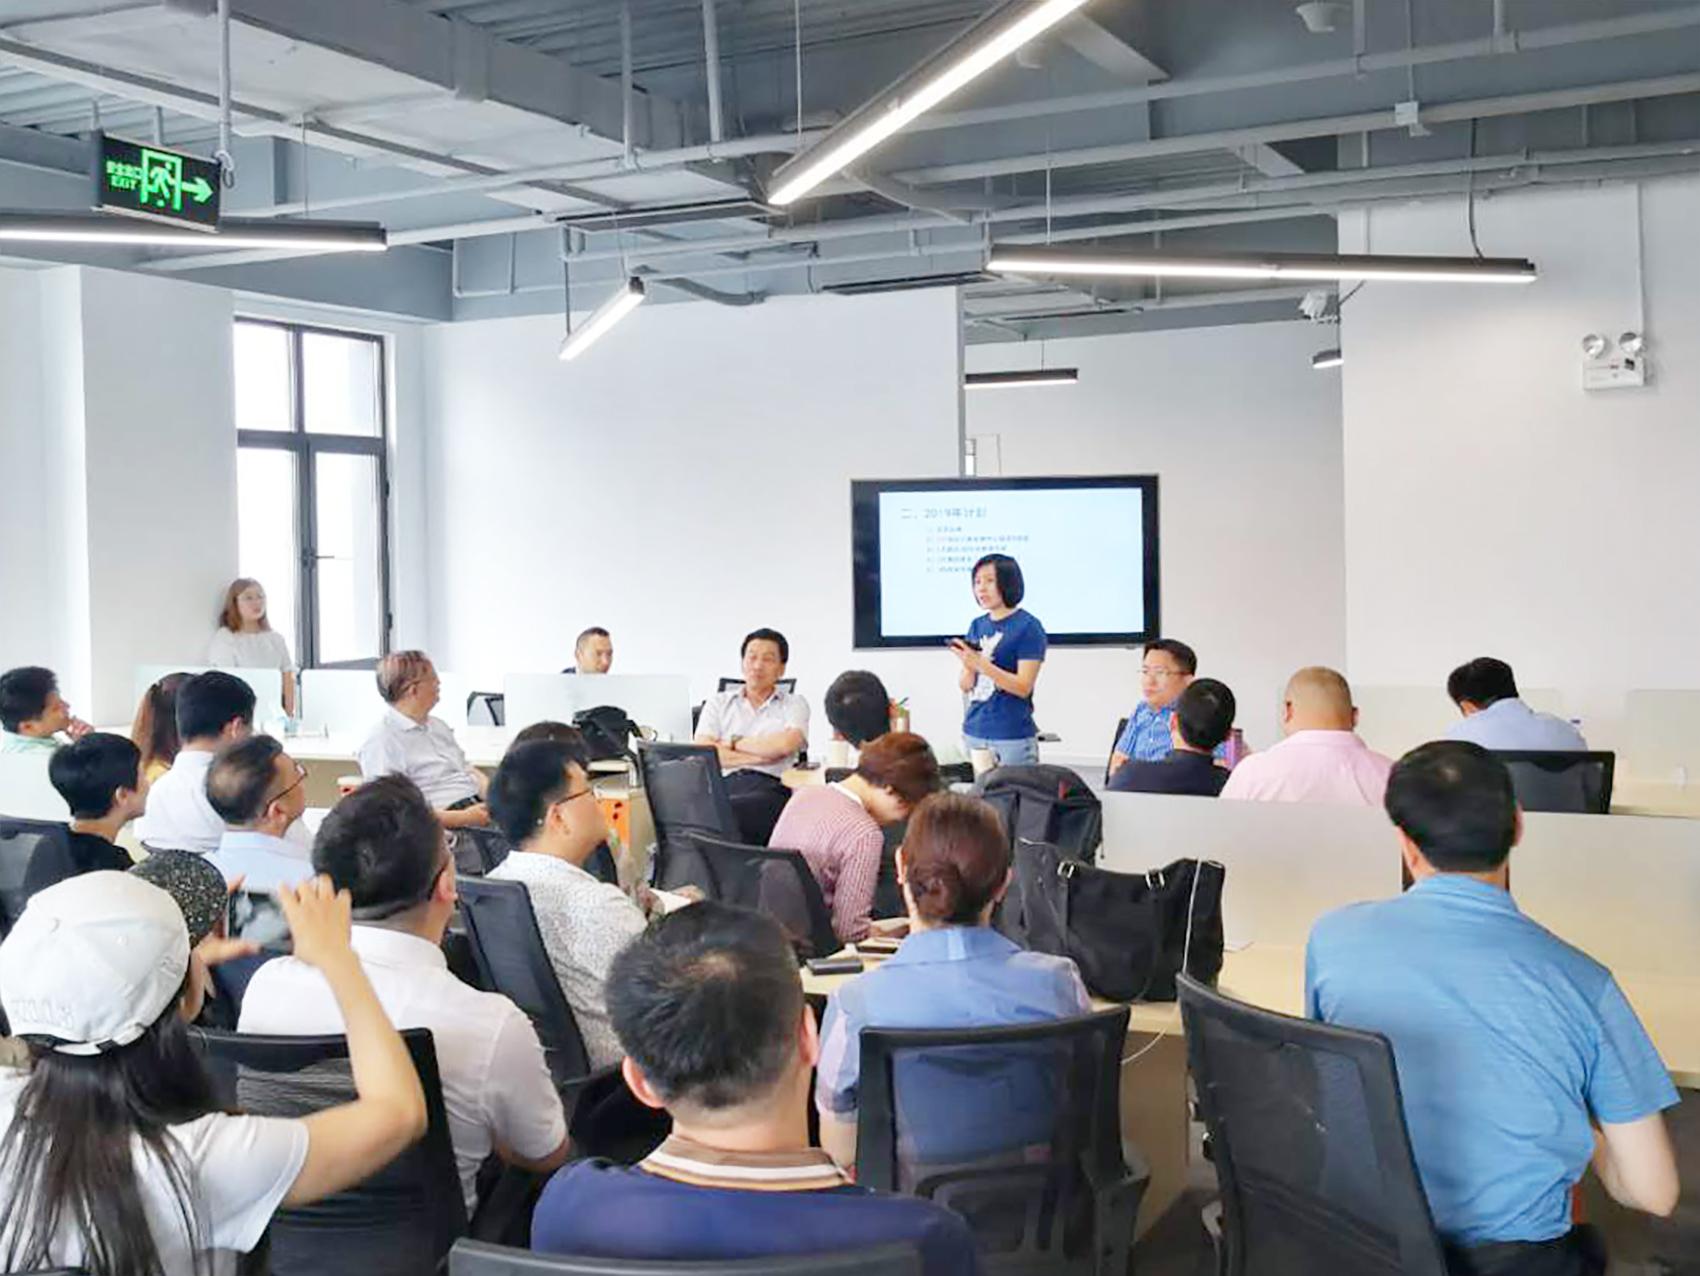 6月10日,中国电子商会跨境电商工作委员会召开第一届第四次理事会。委员会秘书长沈跃华主持会议,总结了